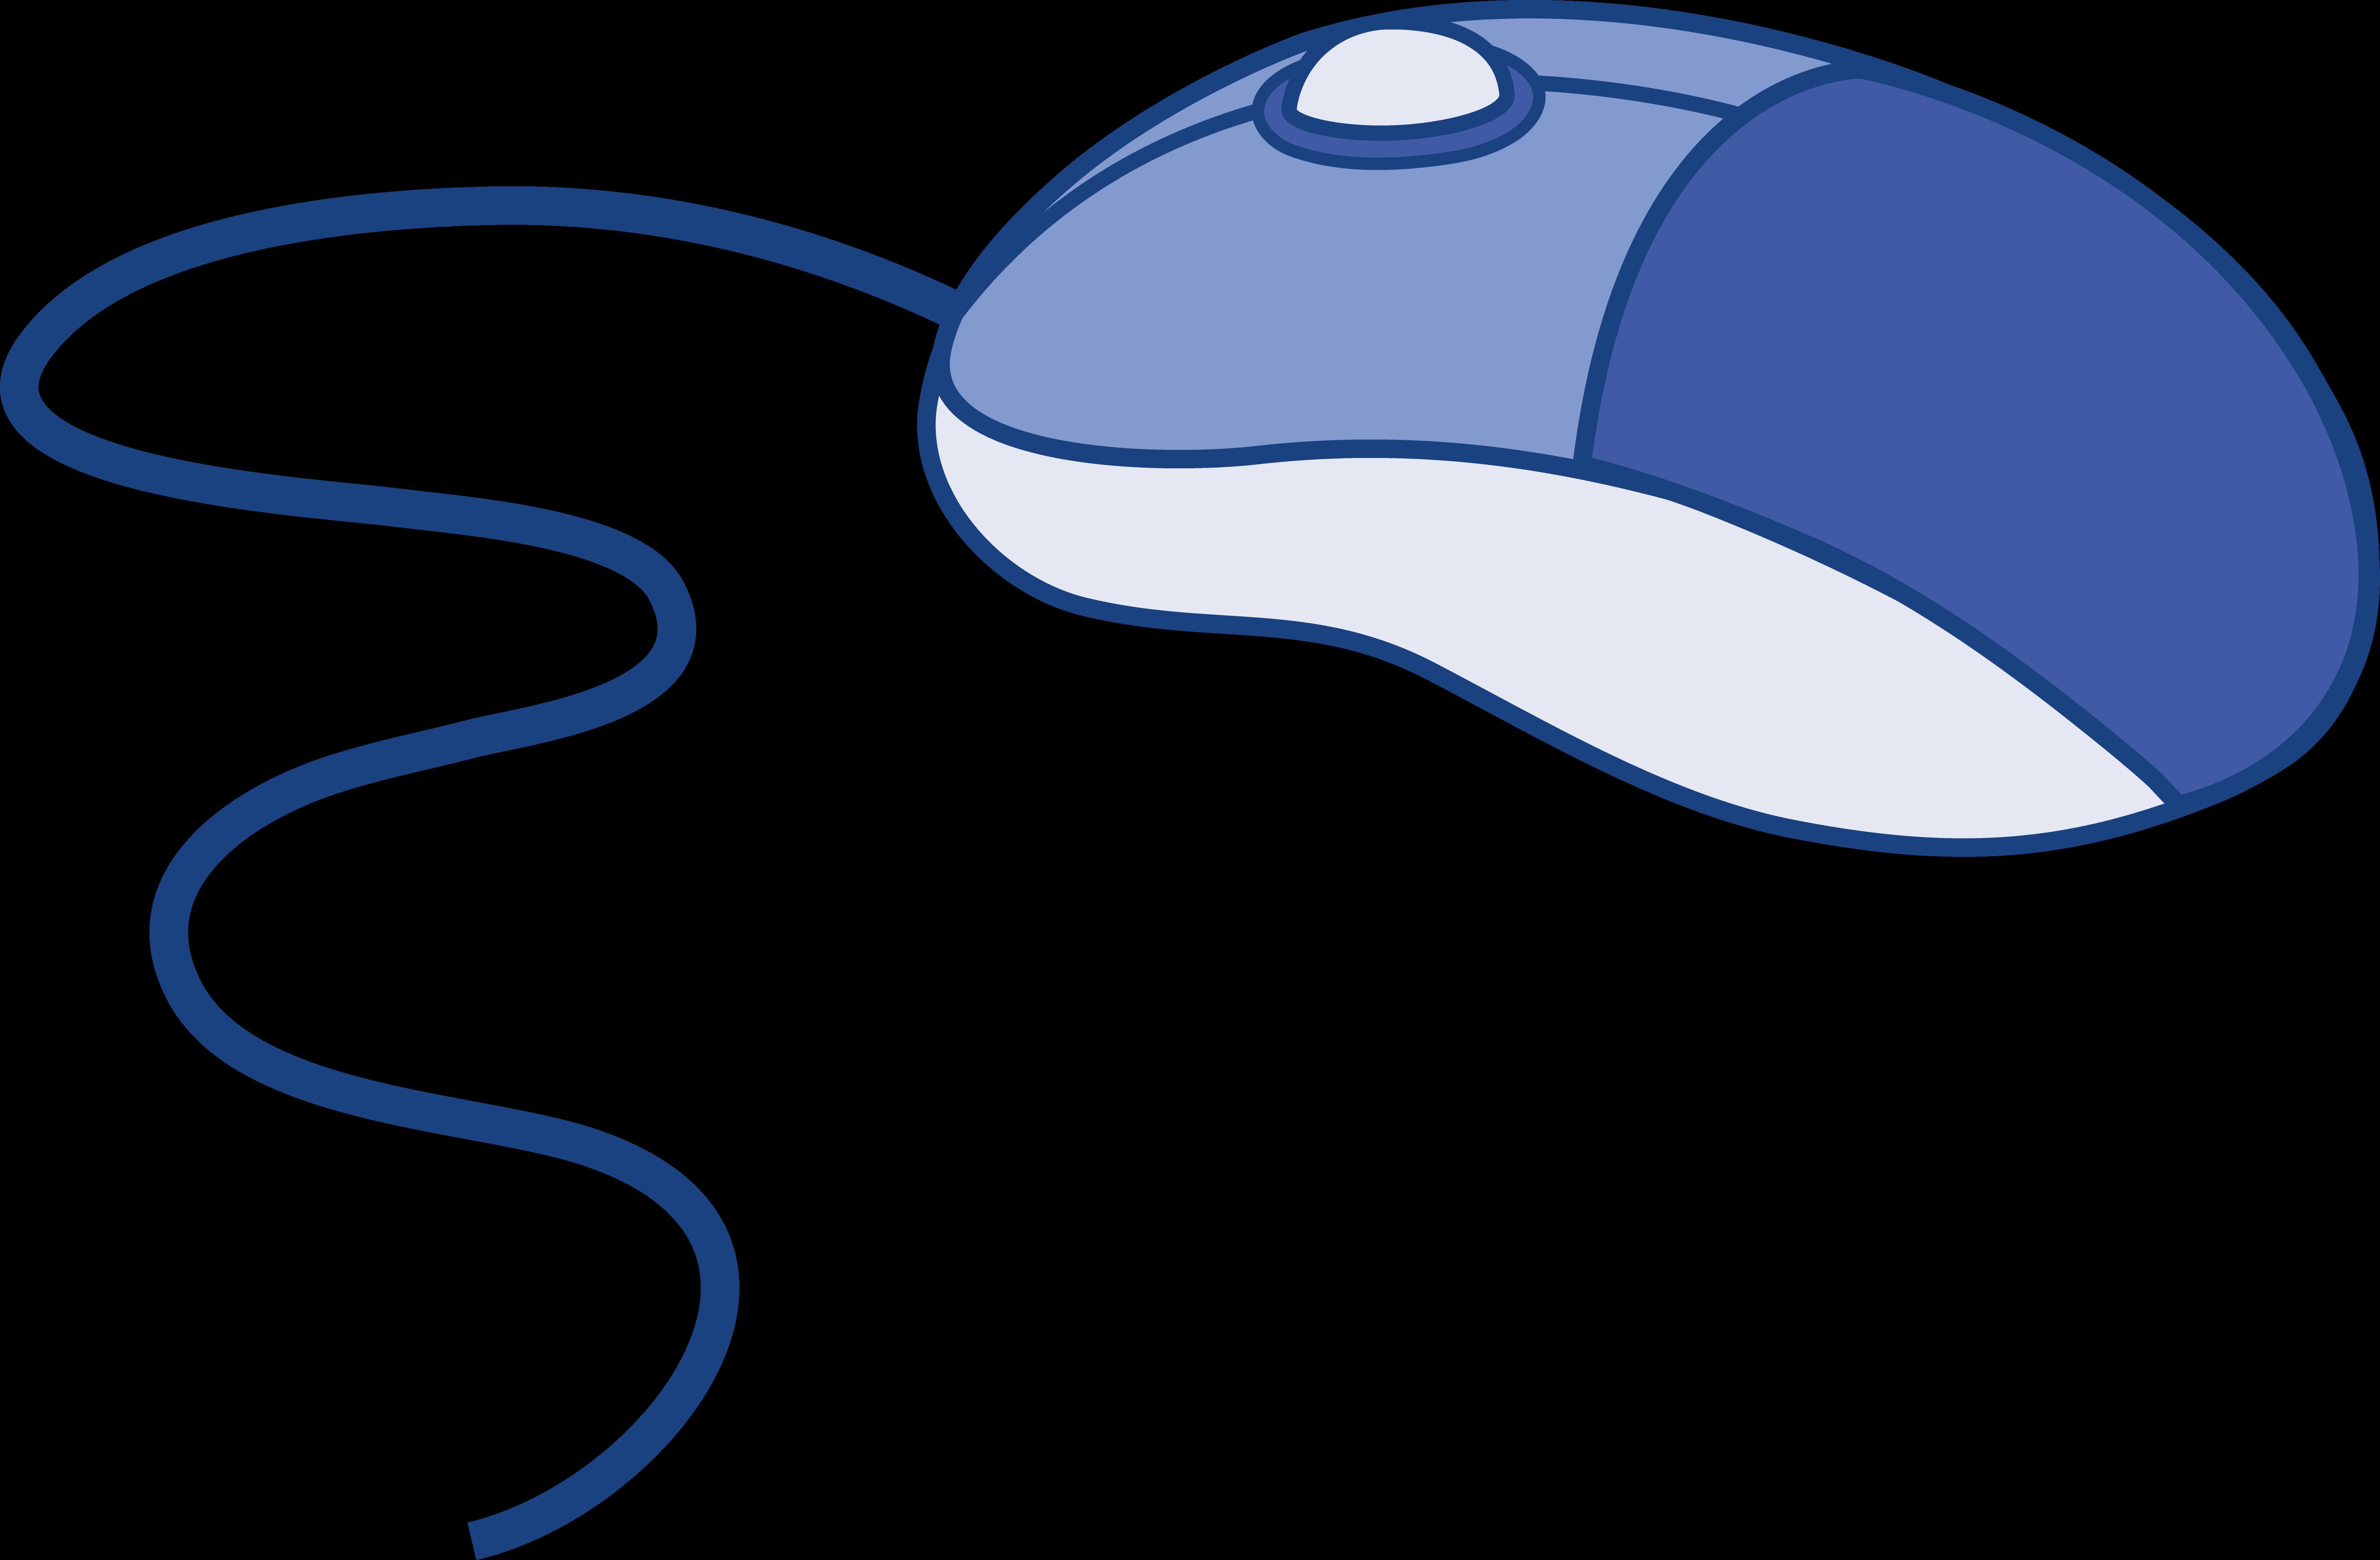 Race clipart mouse race. Cliparts zone pc